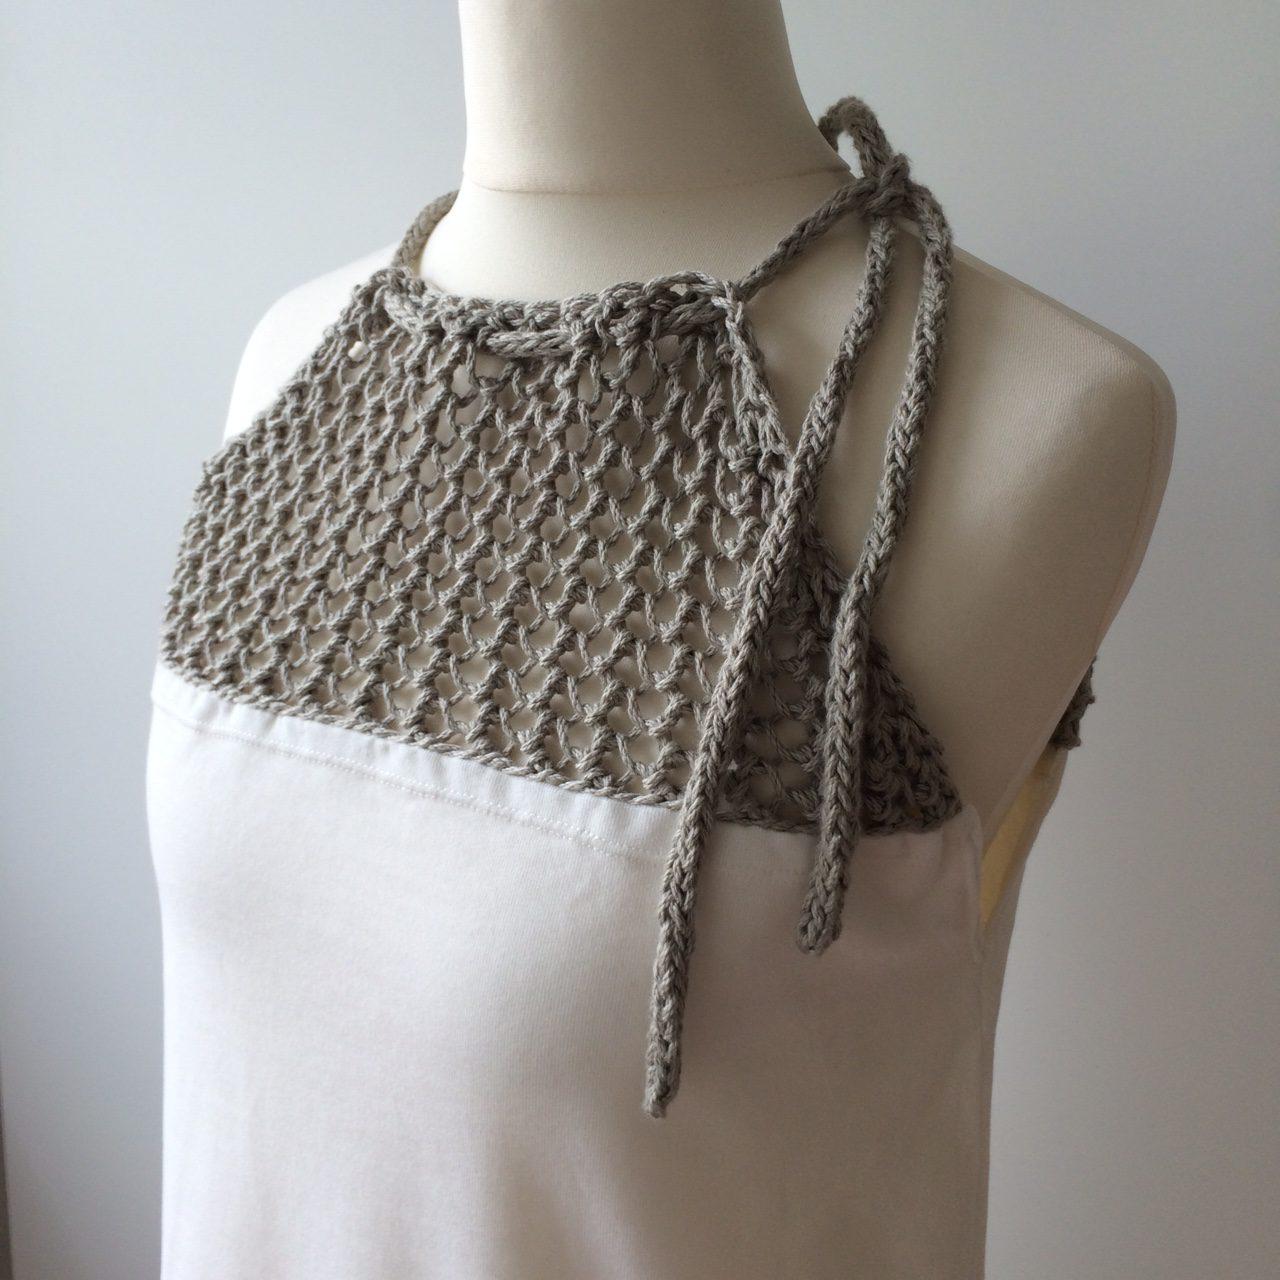 LOTILDA Kleid mit Strickeinsatz auf Puppe Oberteil